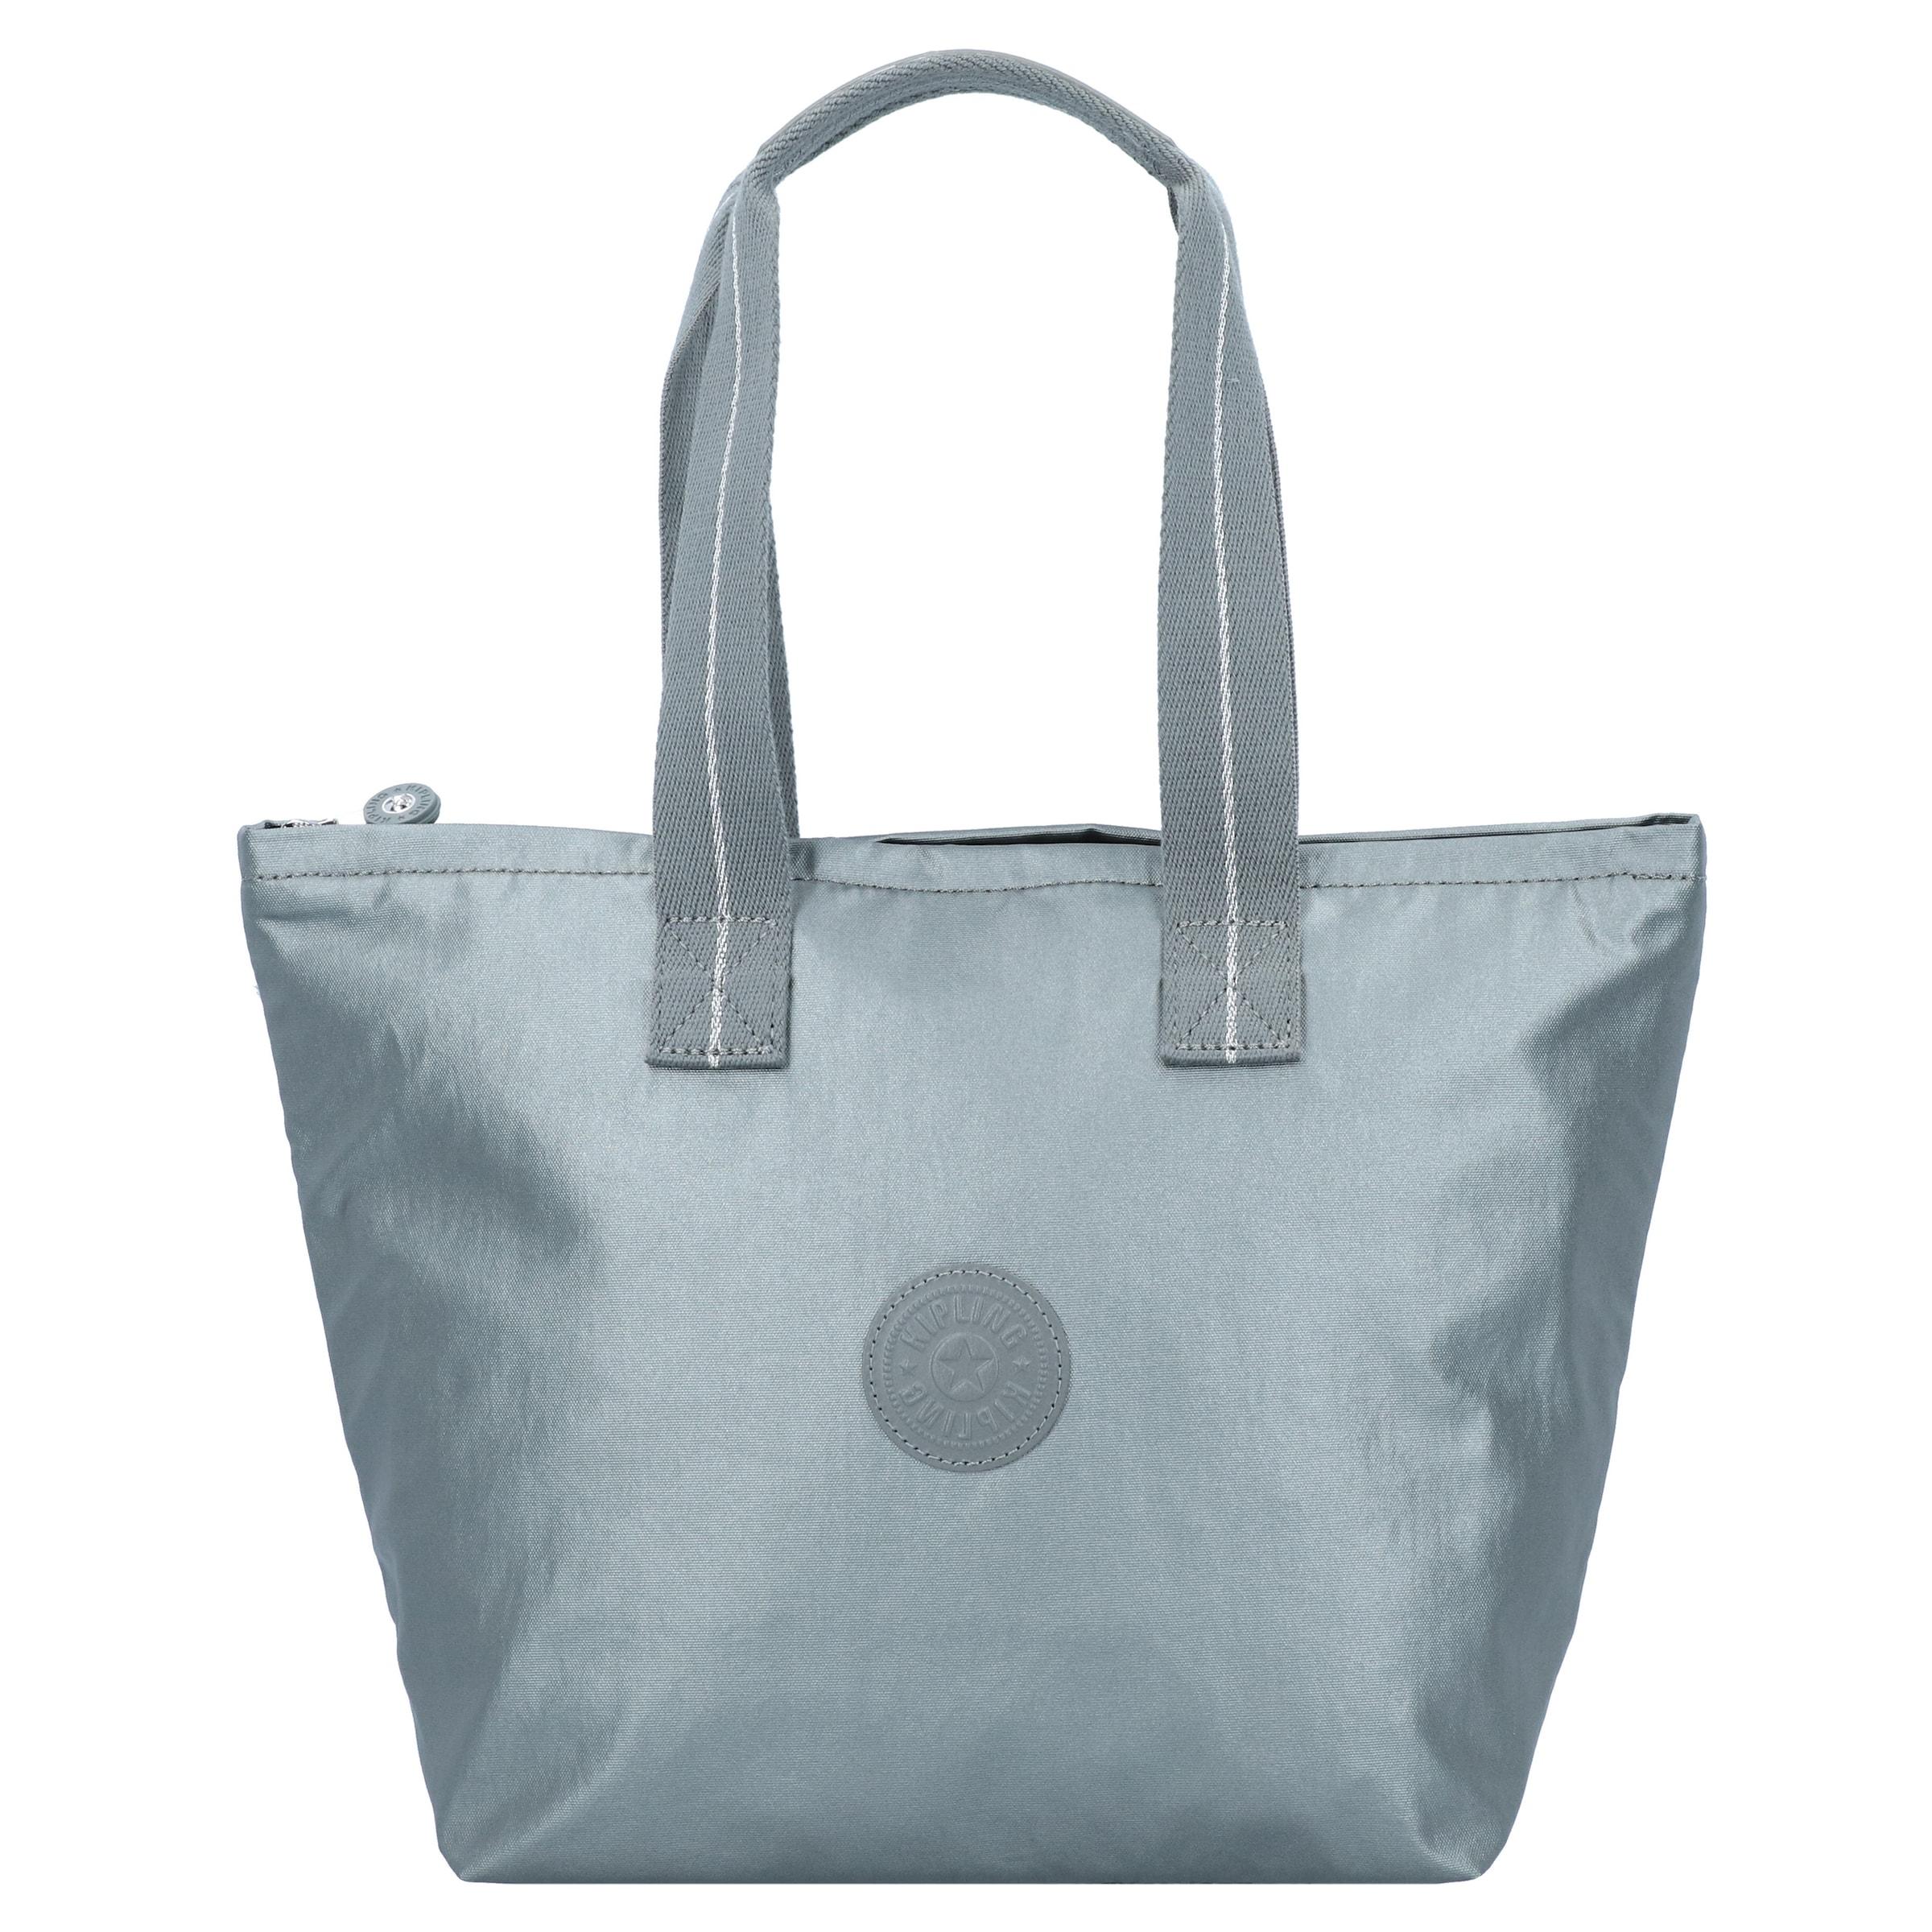 Opal In 'niamh' Kipling 'niamh' In Kipling Handtasche Handtasche BothrQxsdC